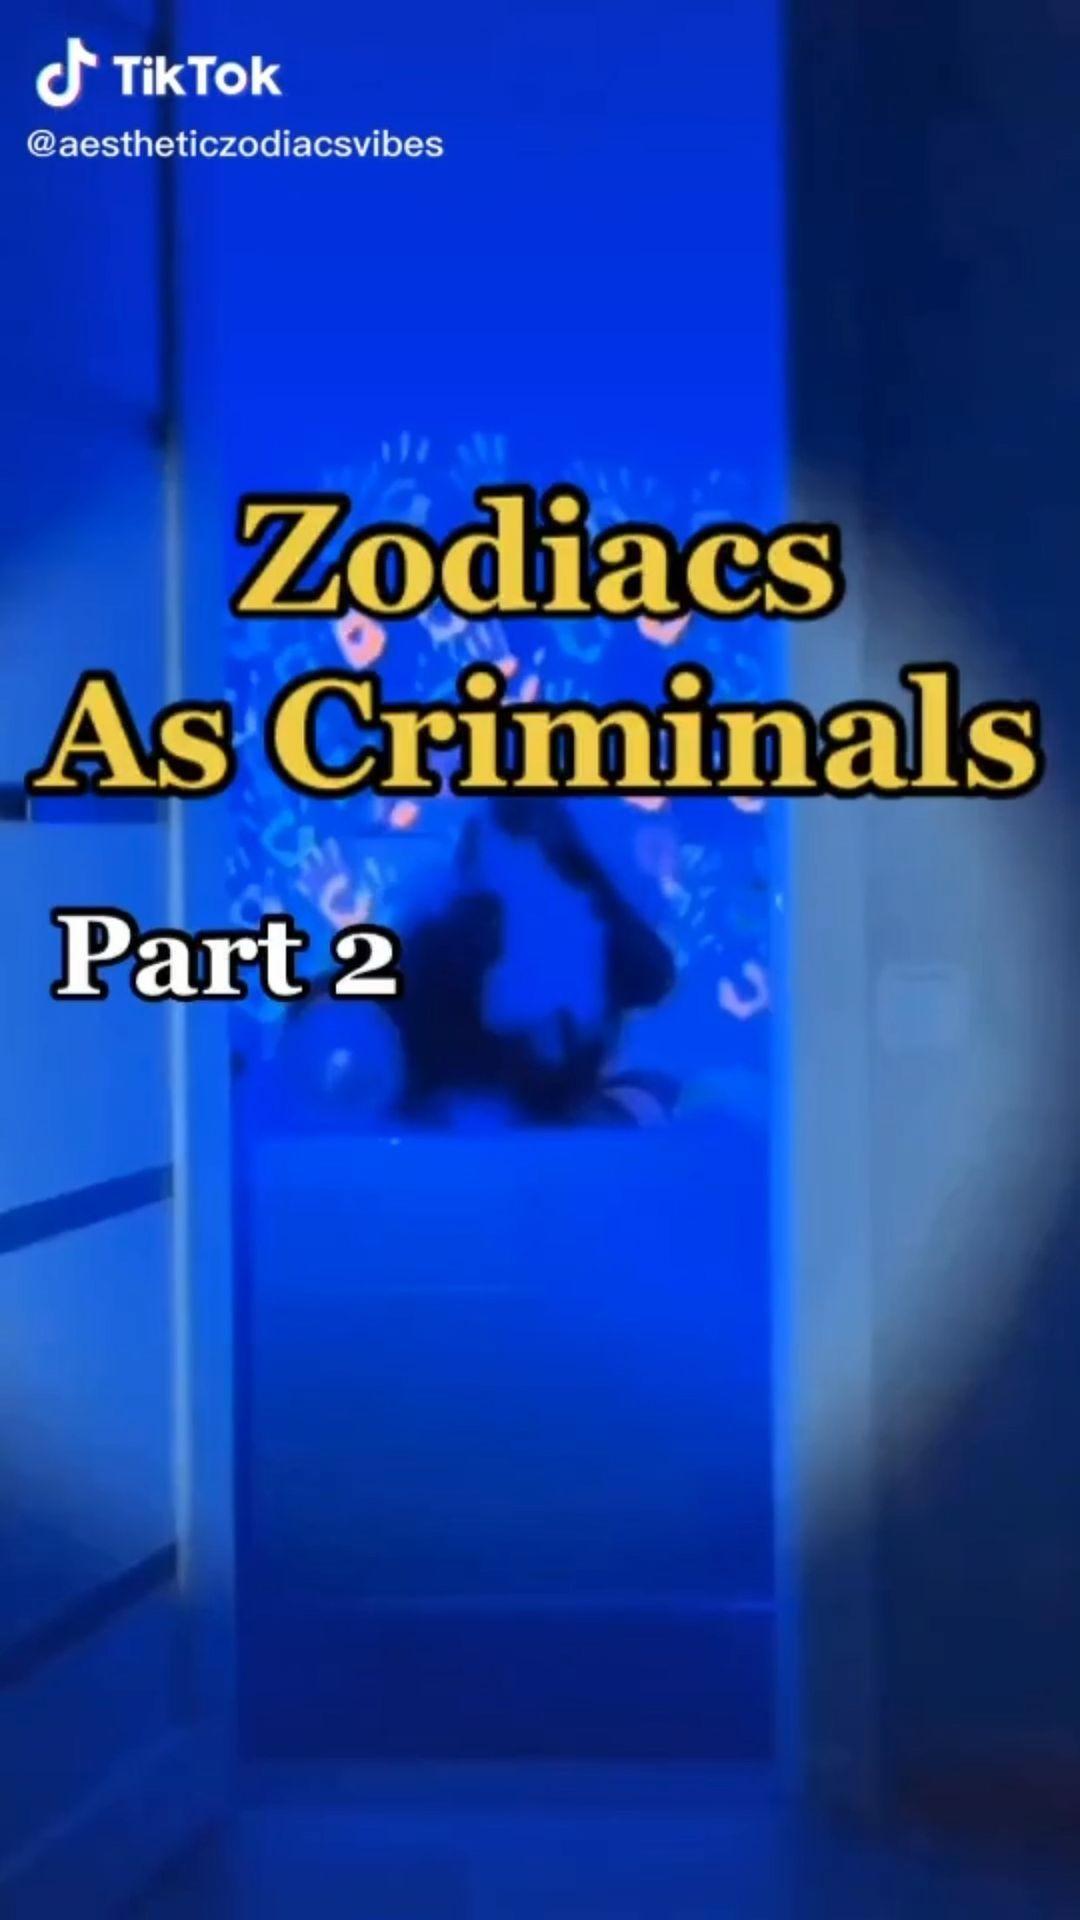 Horoscopetypes Original Audio In 2021 Zodiac The Originals Lockscreen Screenshot